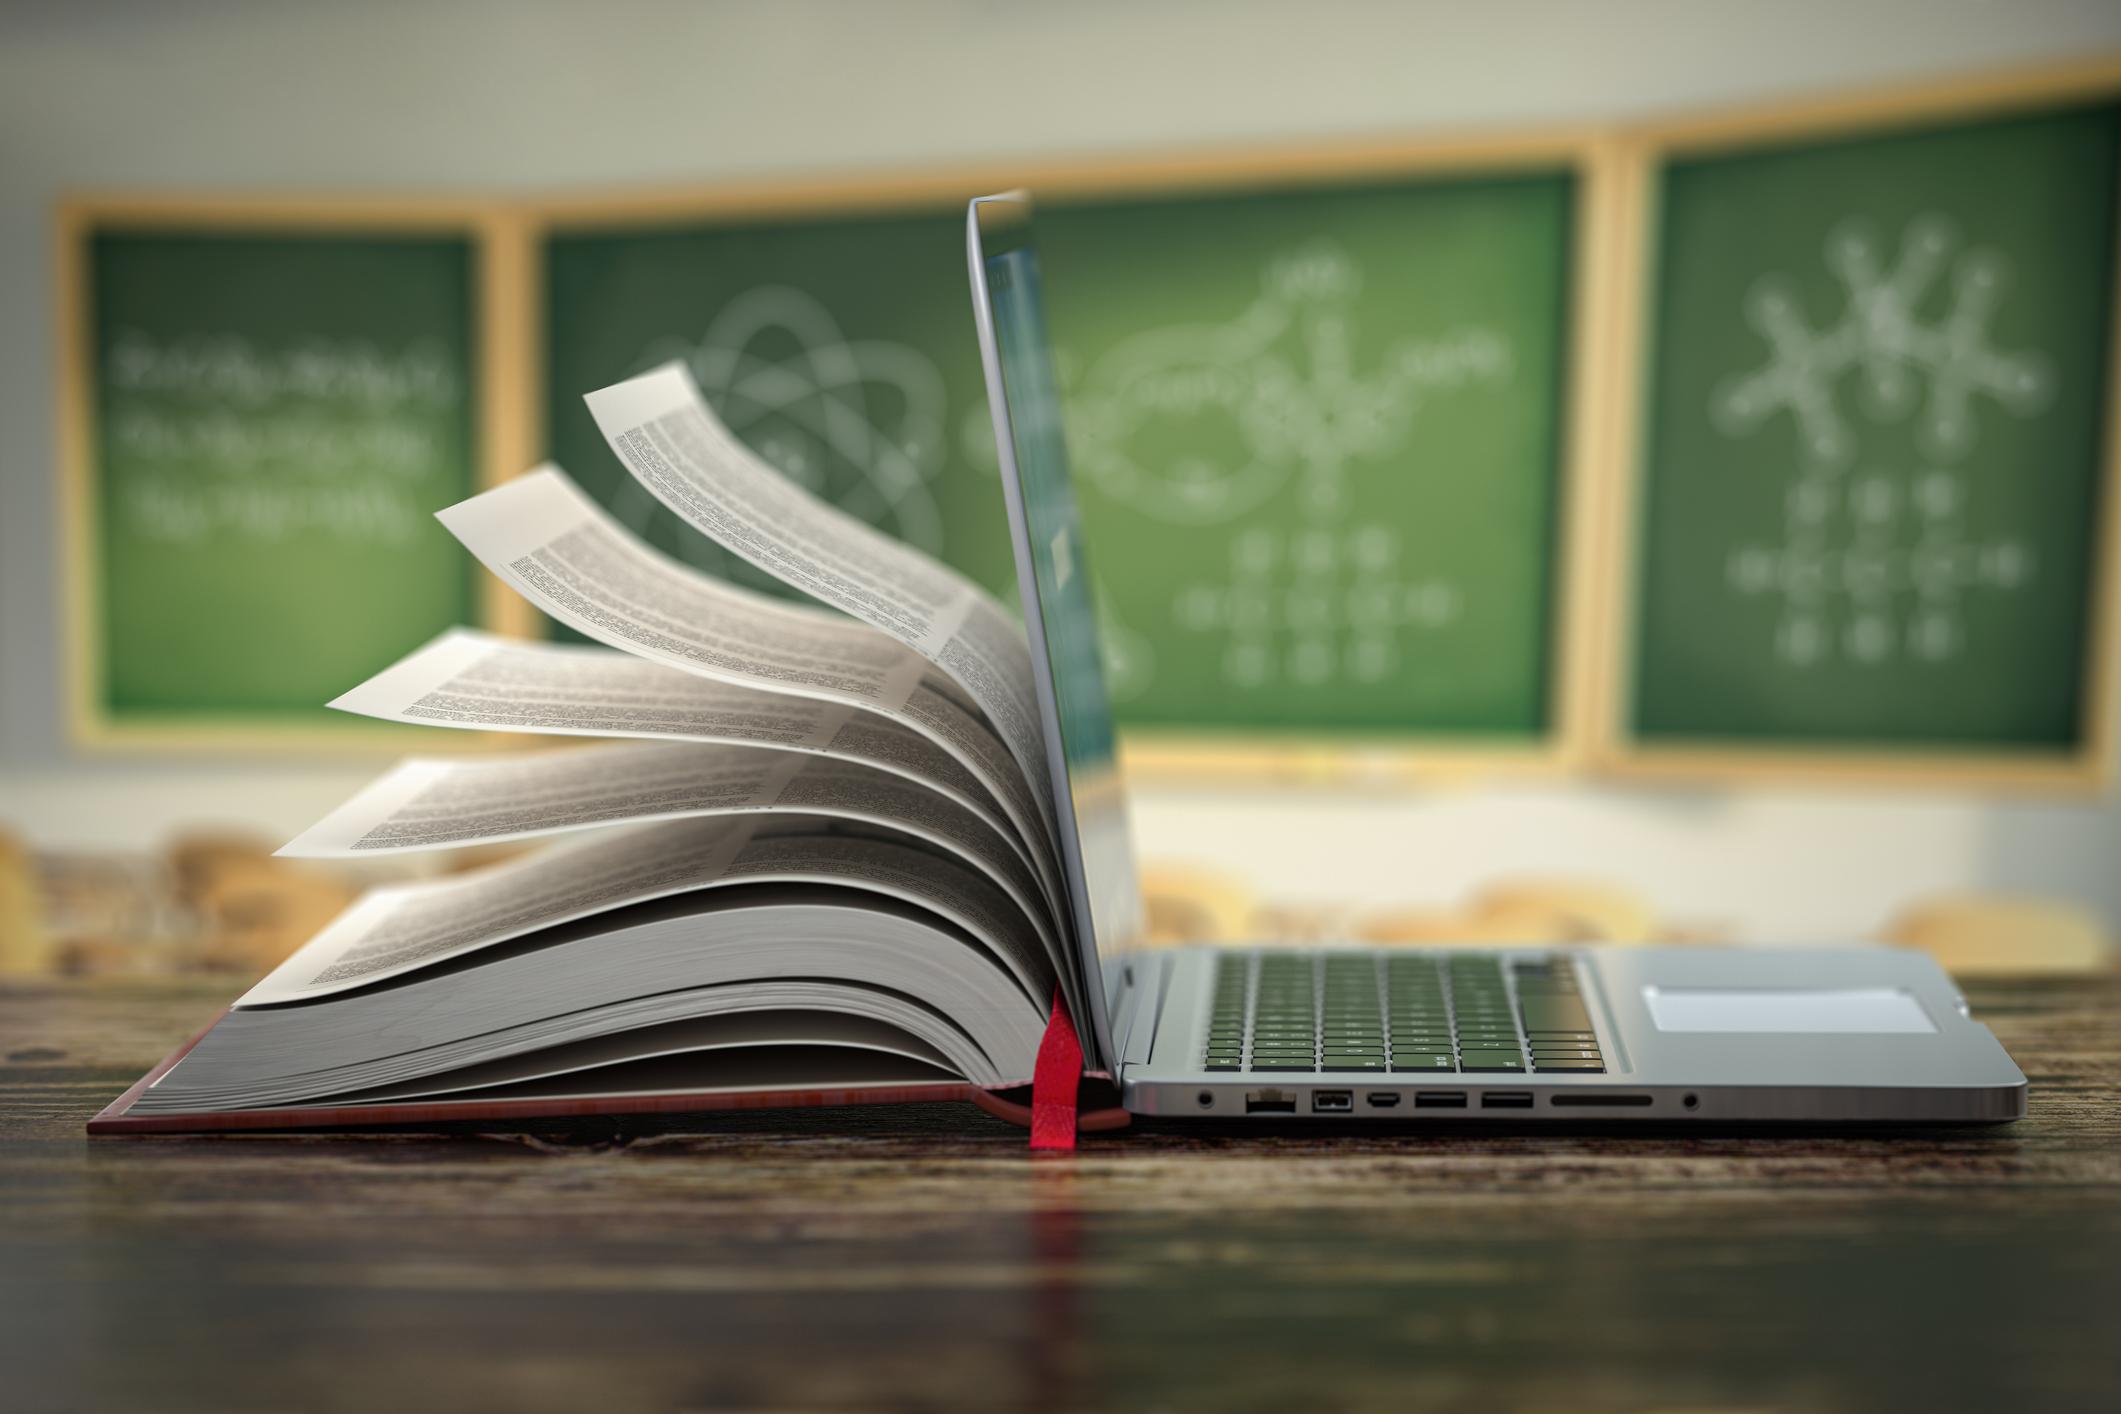 ספר דיגיטלי ספר אלקטרוני ספרים וירטואלים הוצאת ספר דיגיטלי